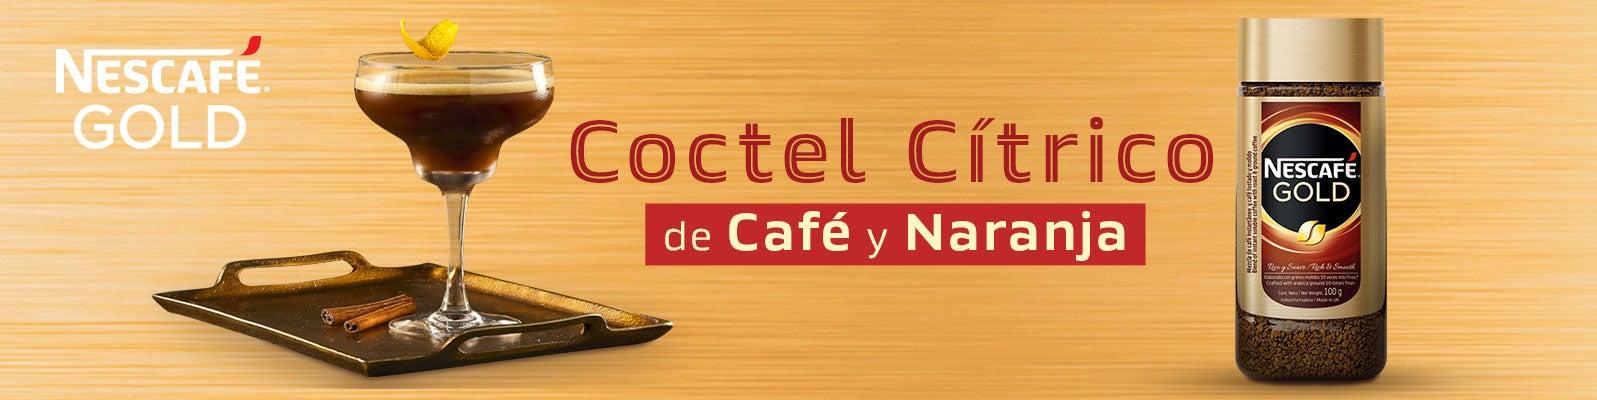 Cóctel Citrico de Café y Naranja